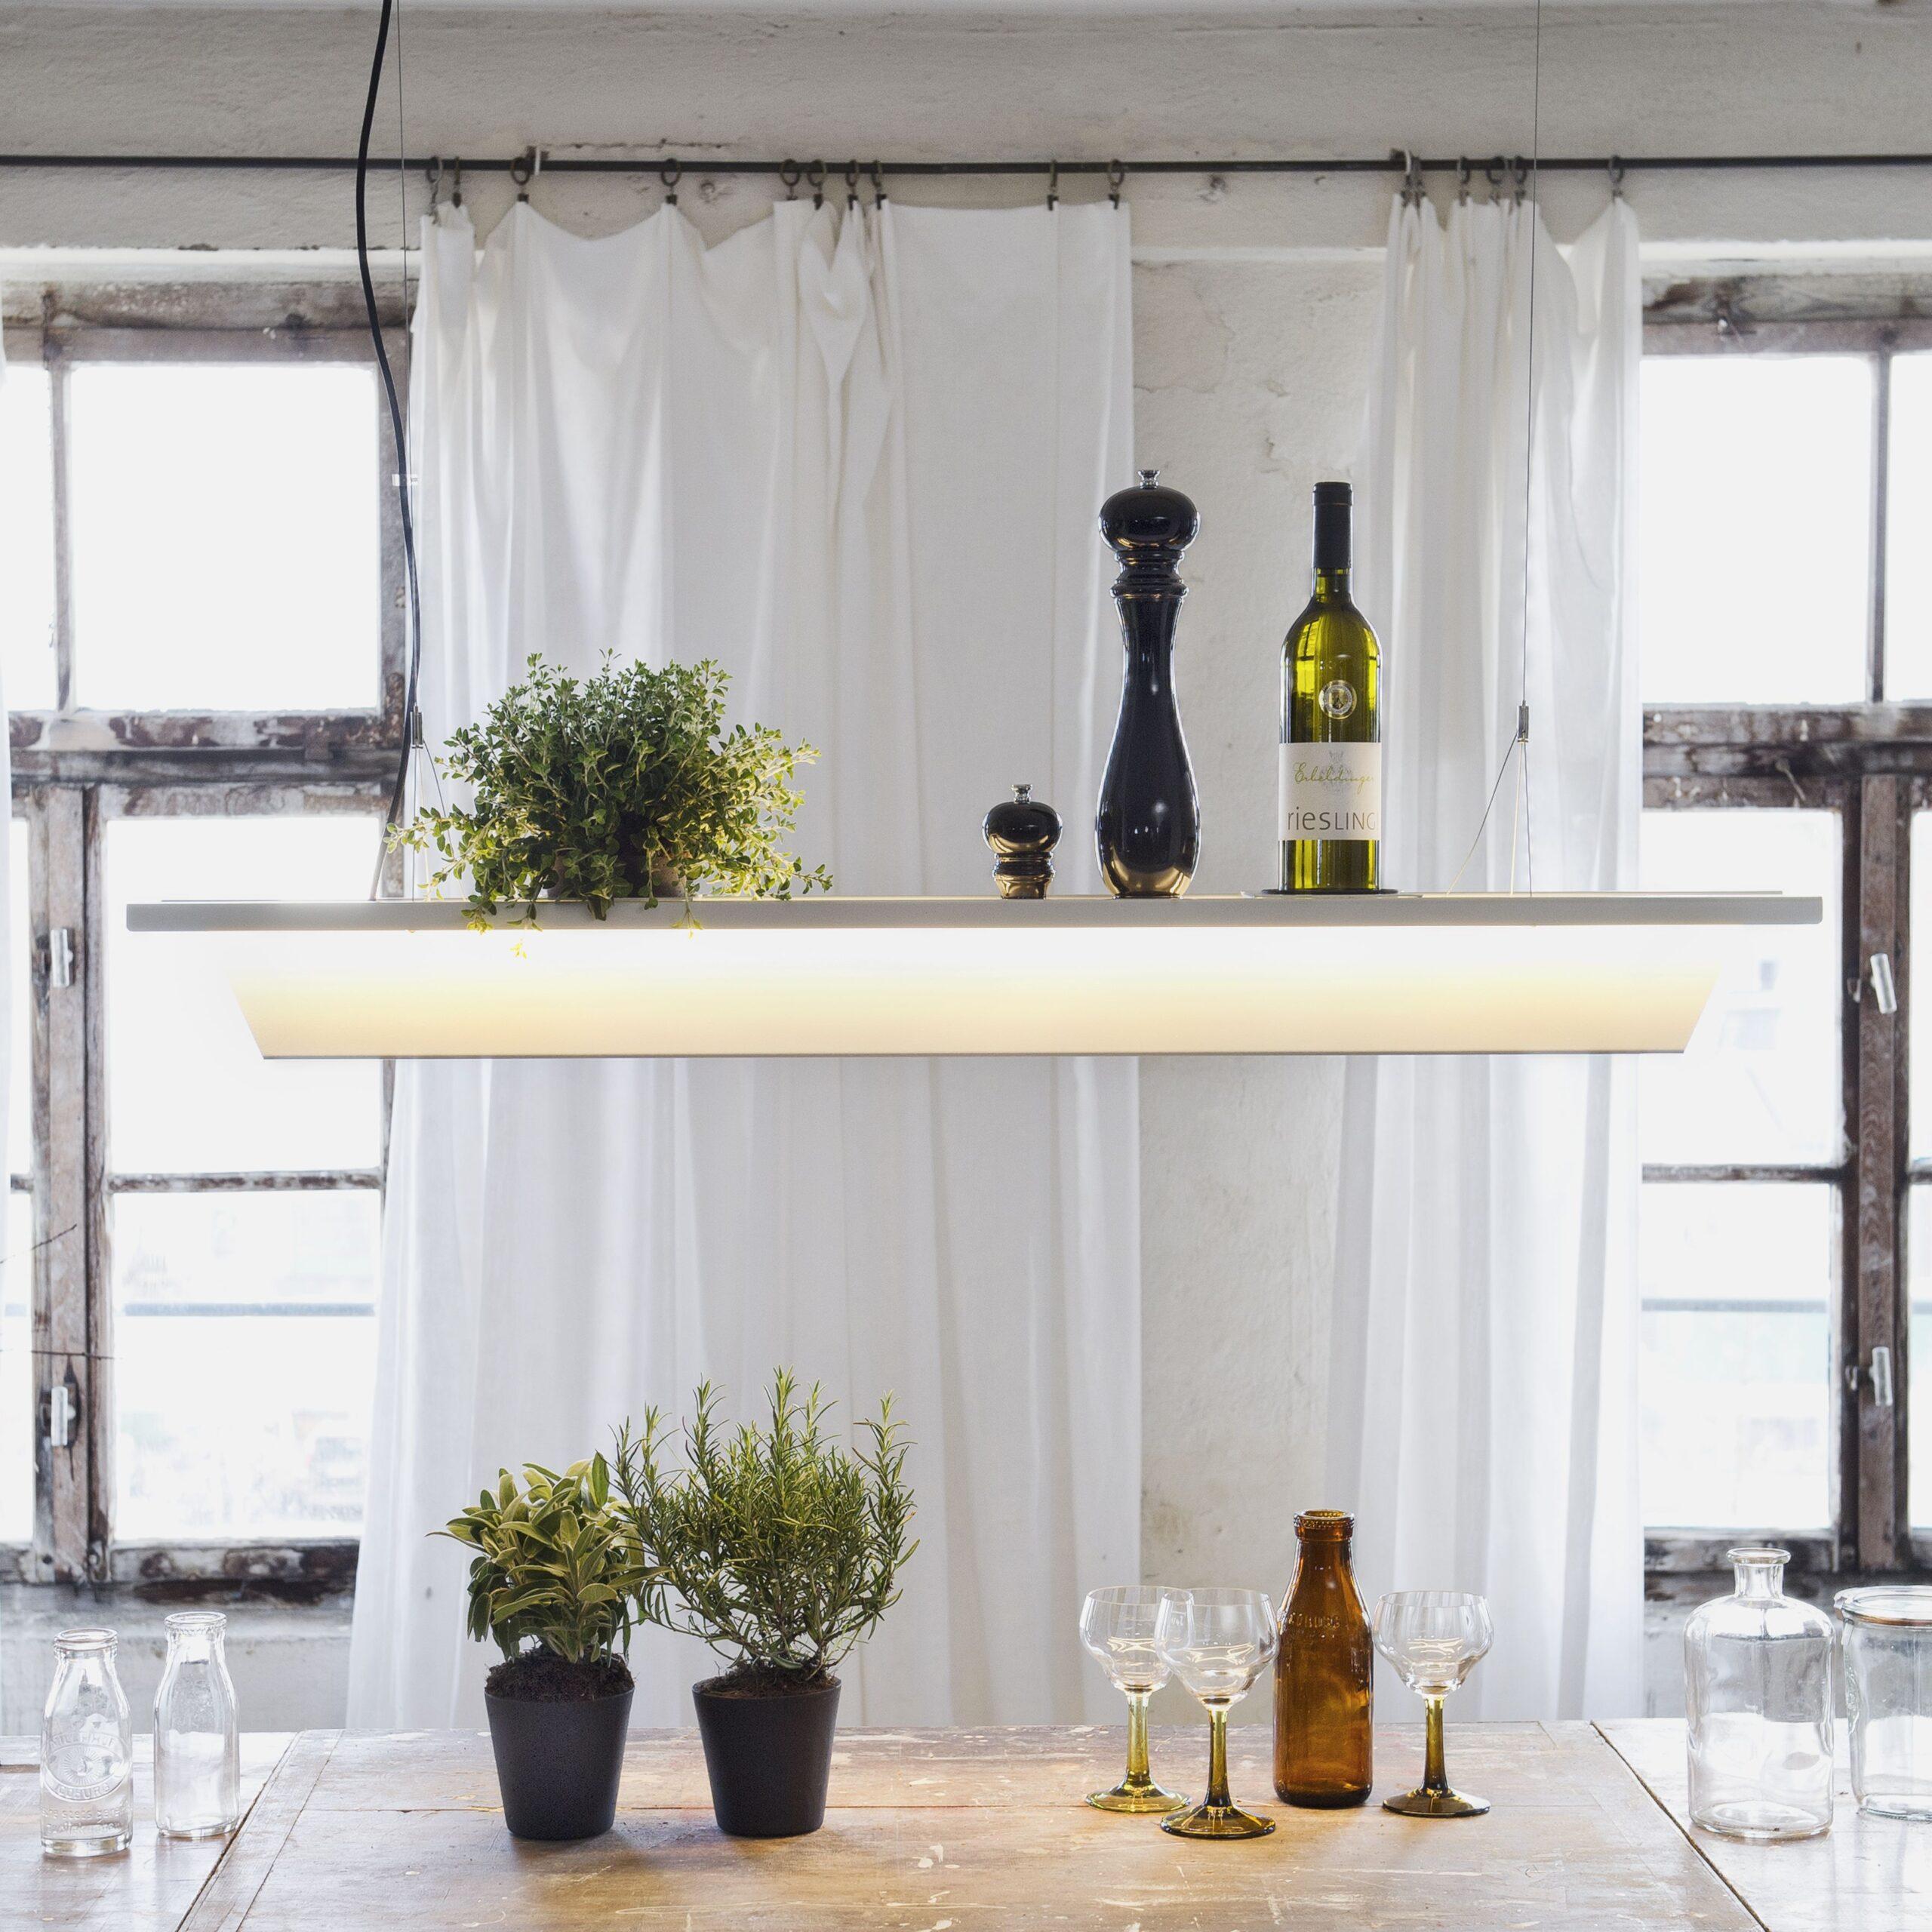 Full Size of Kitchenlight Ist Eine Symbiose Aus Funktionalitt Und Sthetik Schlafzimmer Deckenlampe Bad Badezimmer Lampe Sofa überzug Wandlampe Lampen Led Wohnzimmer Lampe über Kochinsel